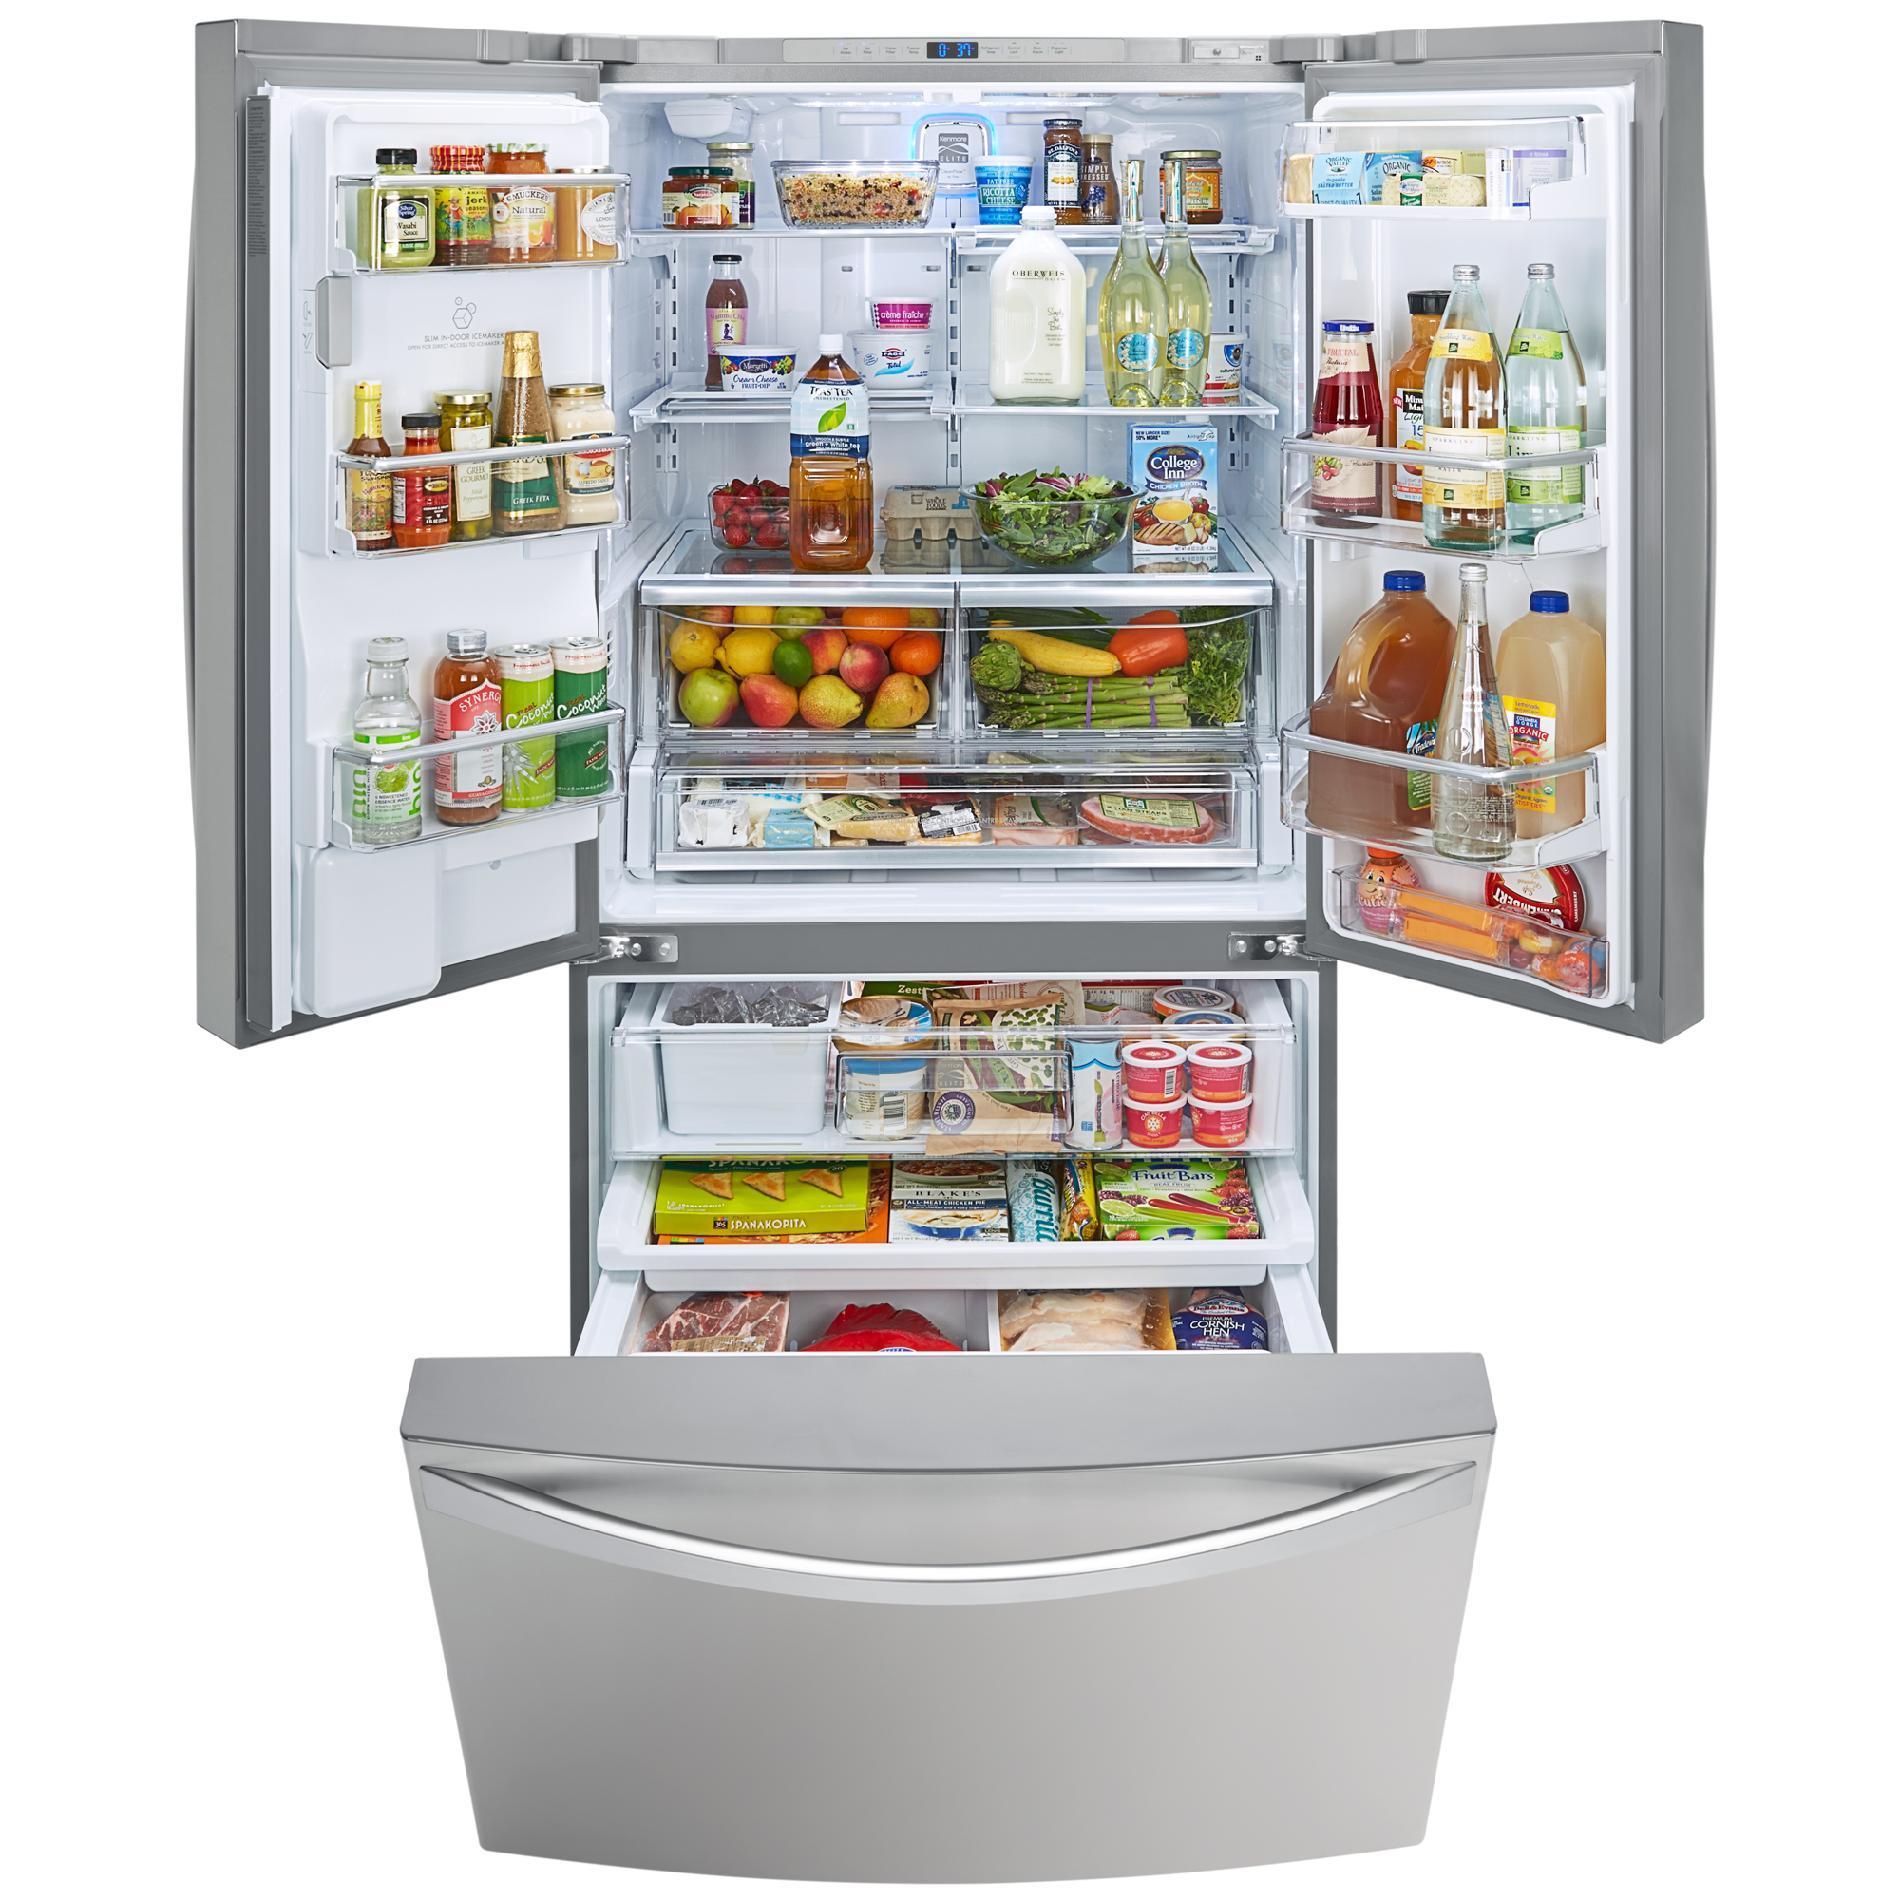 Kenmore Elite 74023 29.8 cu. ft. French Door Bottom-Freezer Refrigerator—Stainless Steel